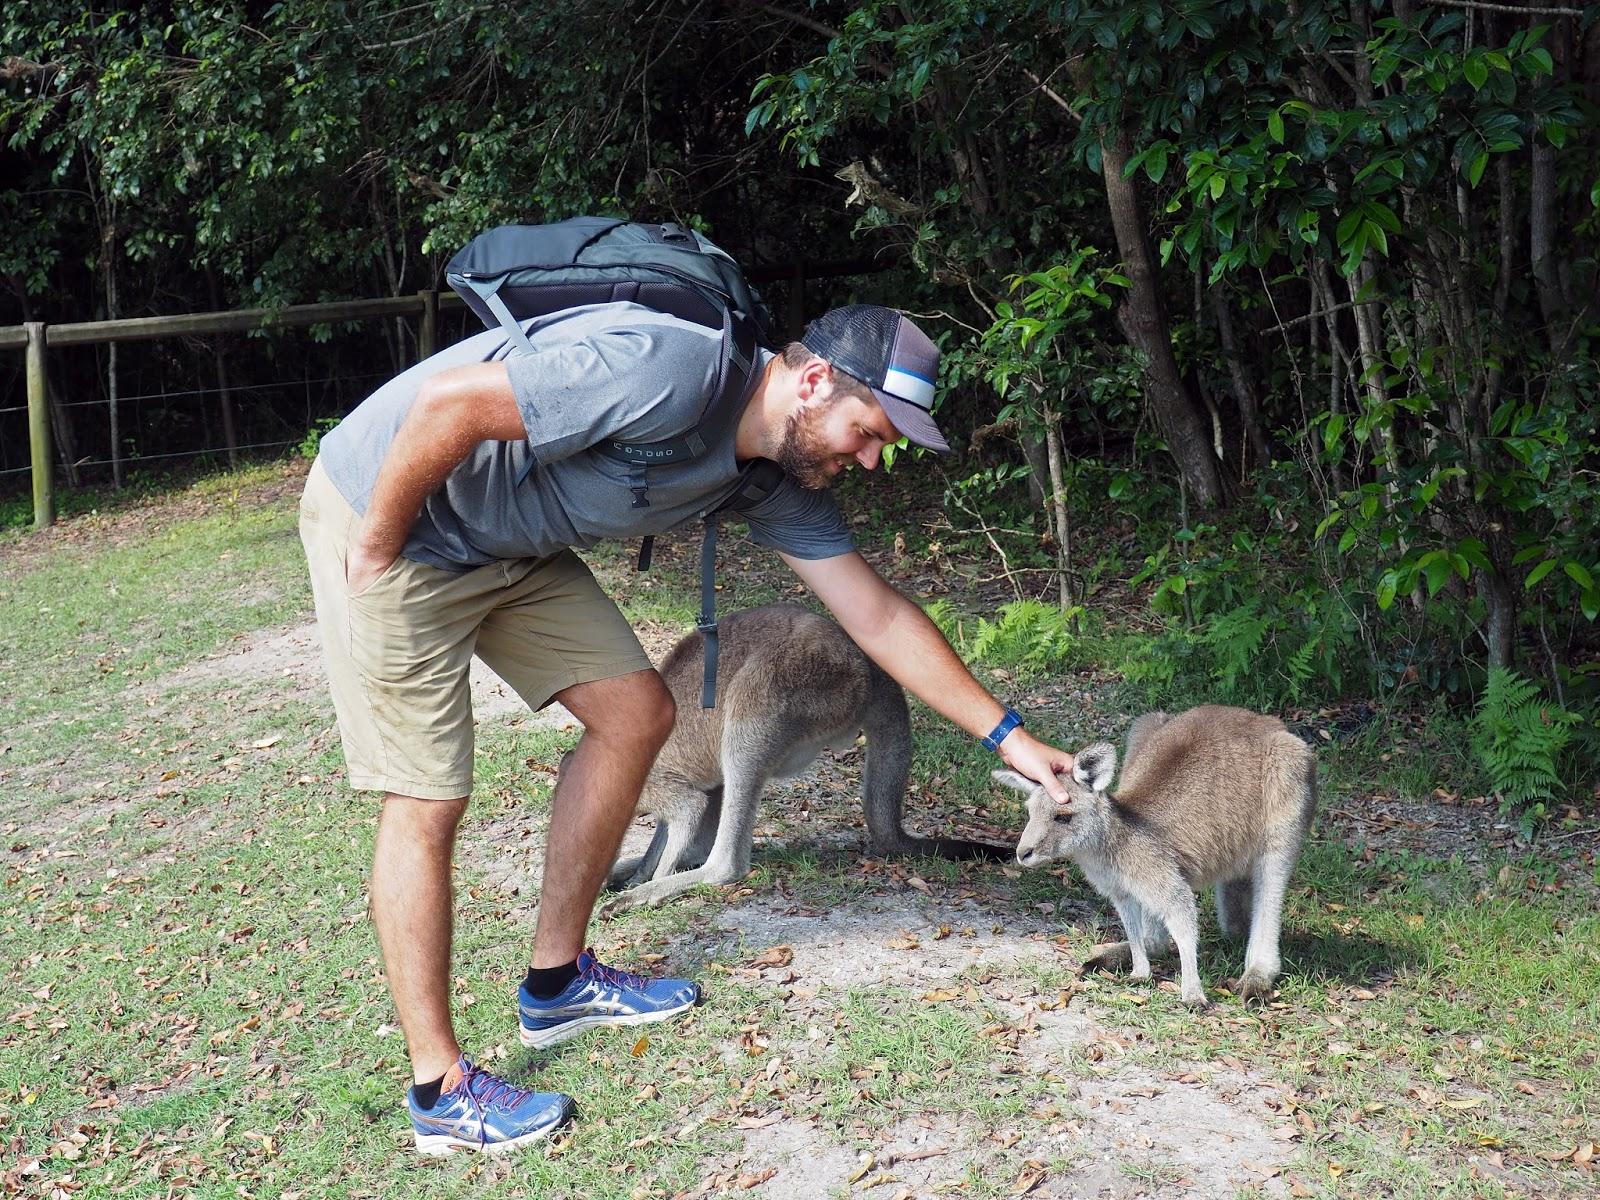 Dan with Kangaroos at Diamond Head Campground